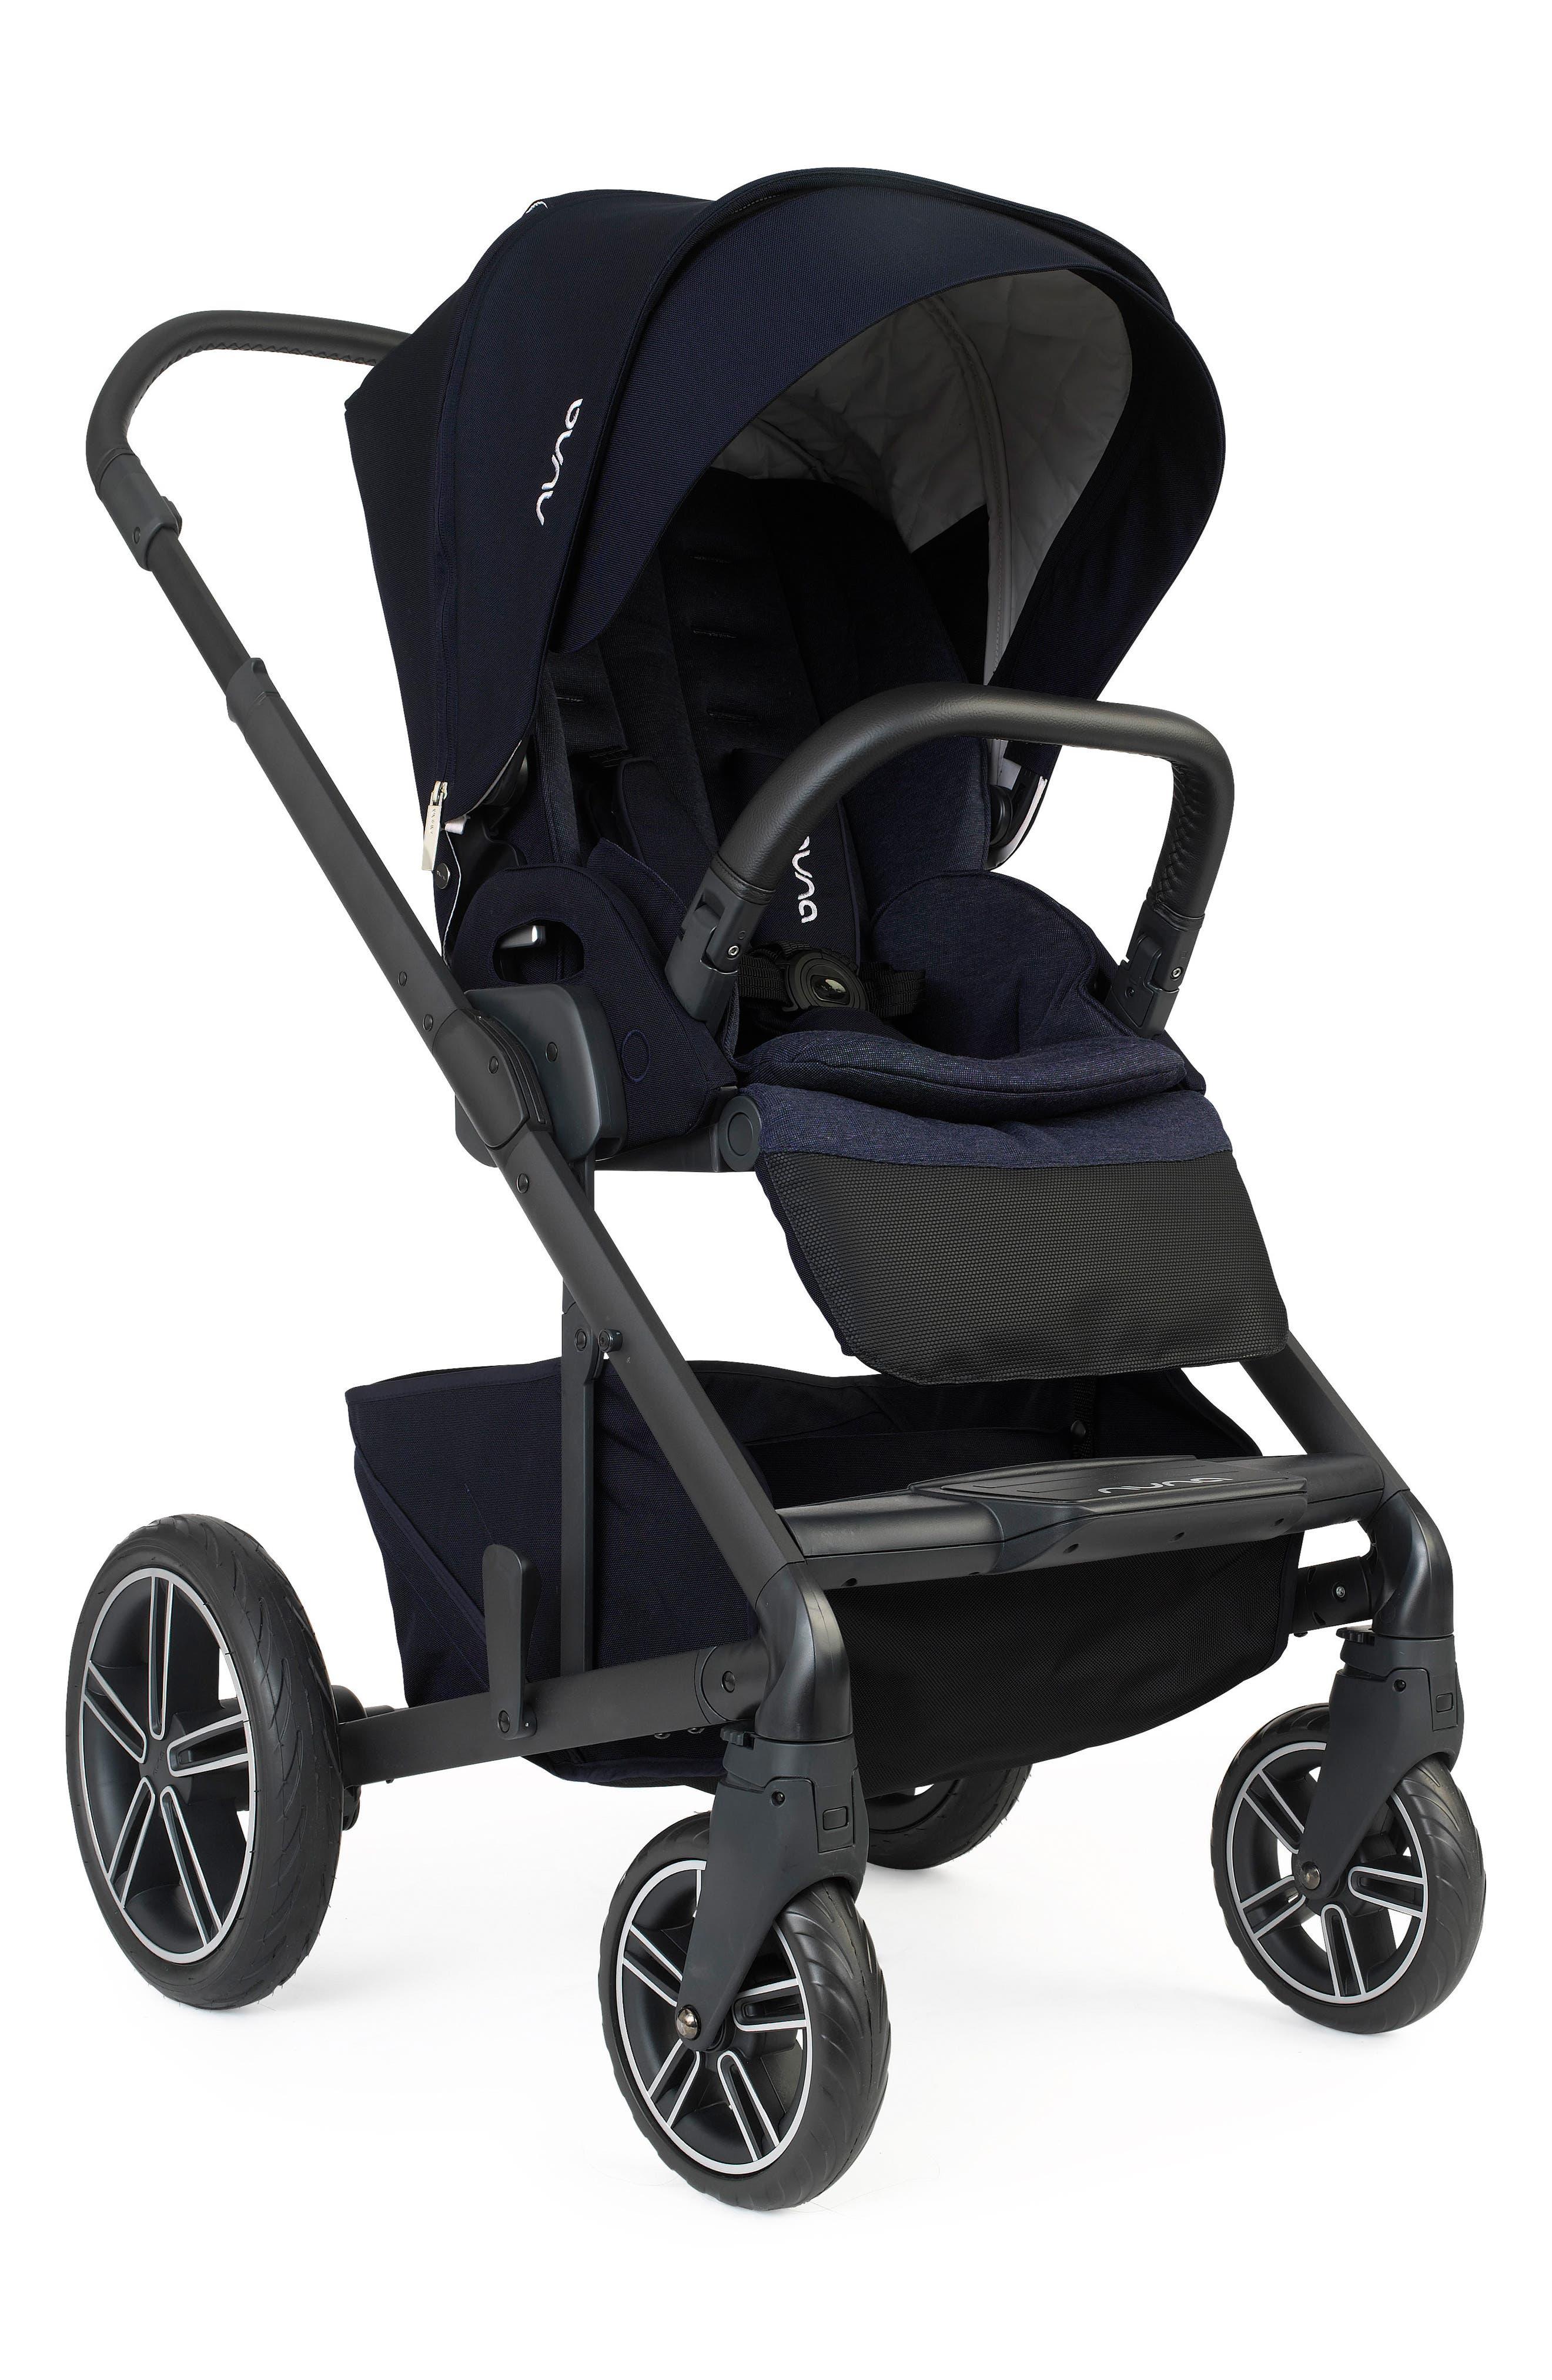 NUNA MIXX2<sup>™</sup> Three Mode Stroller with All Terrain Tires, Main, color, INDIGO